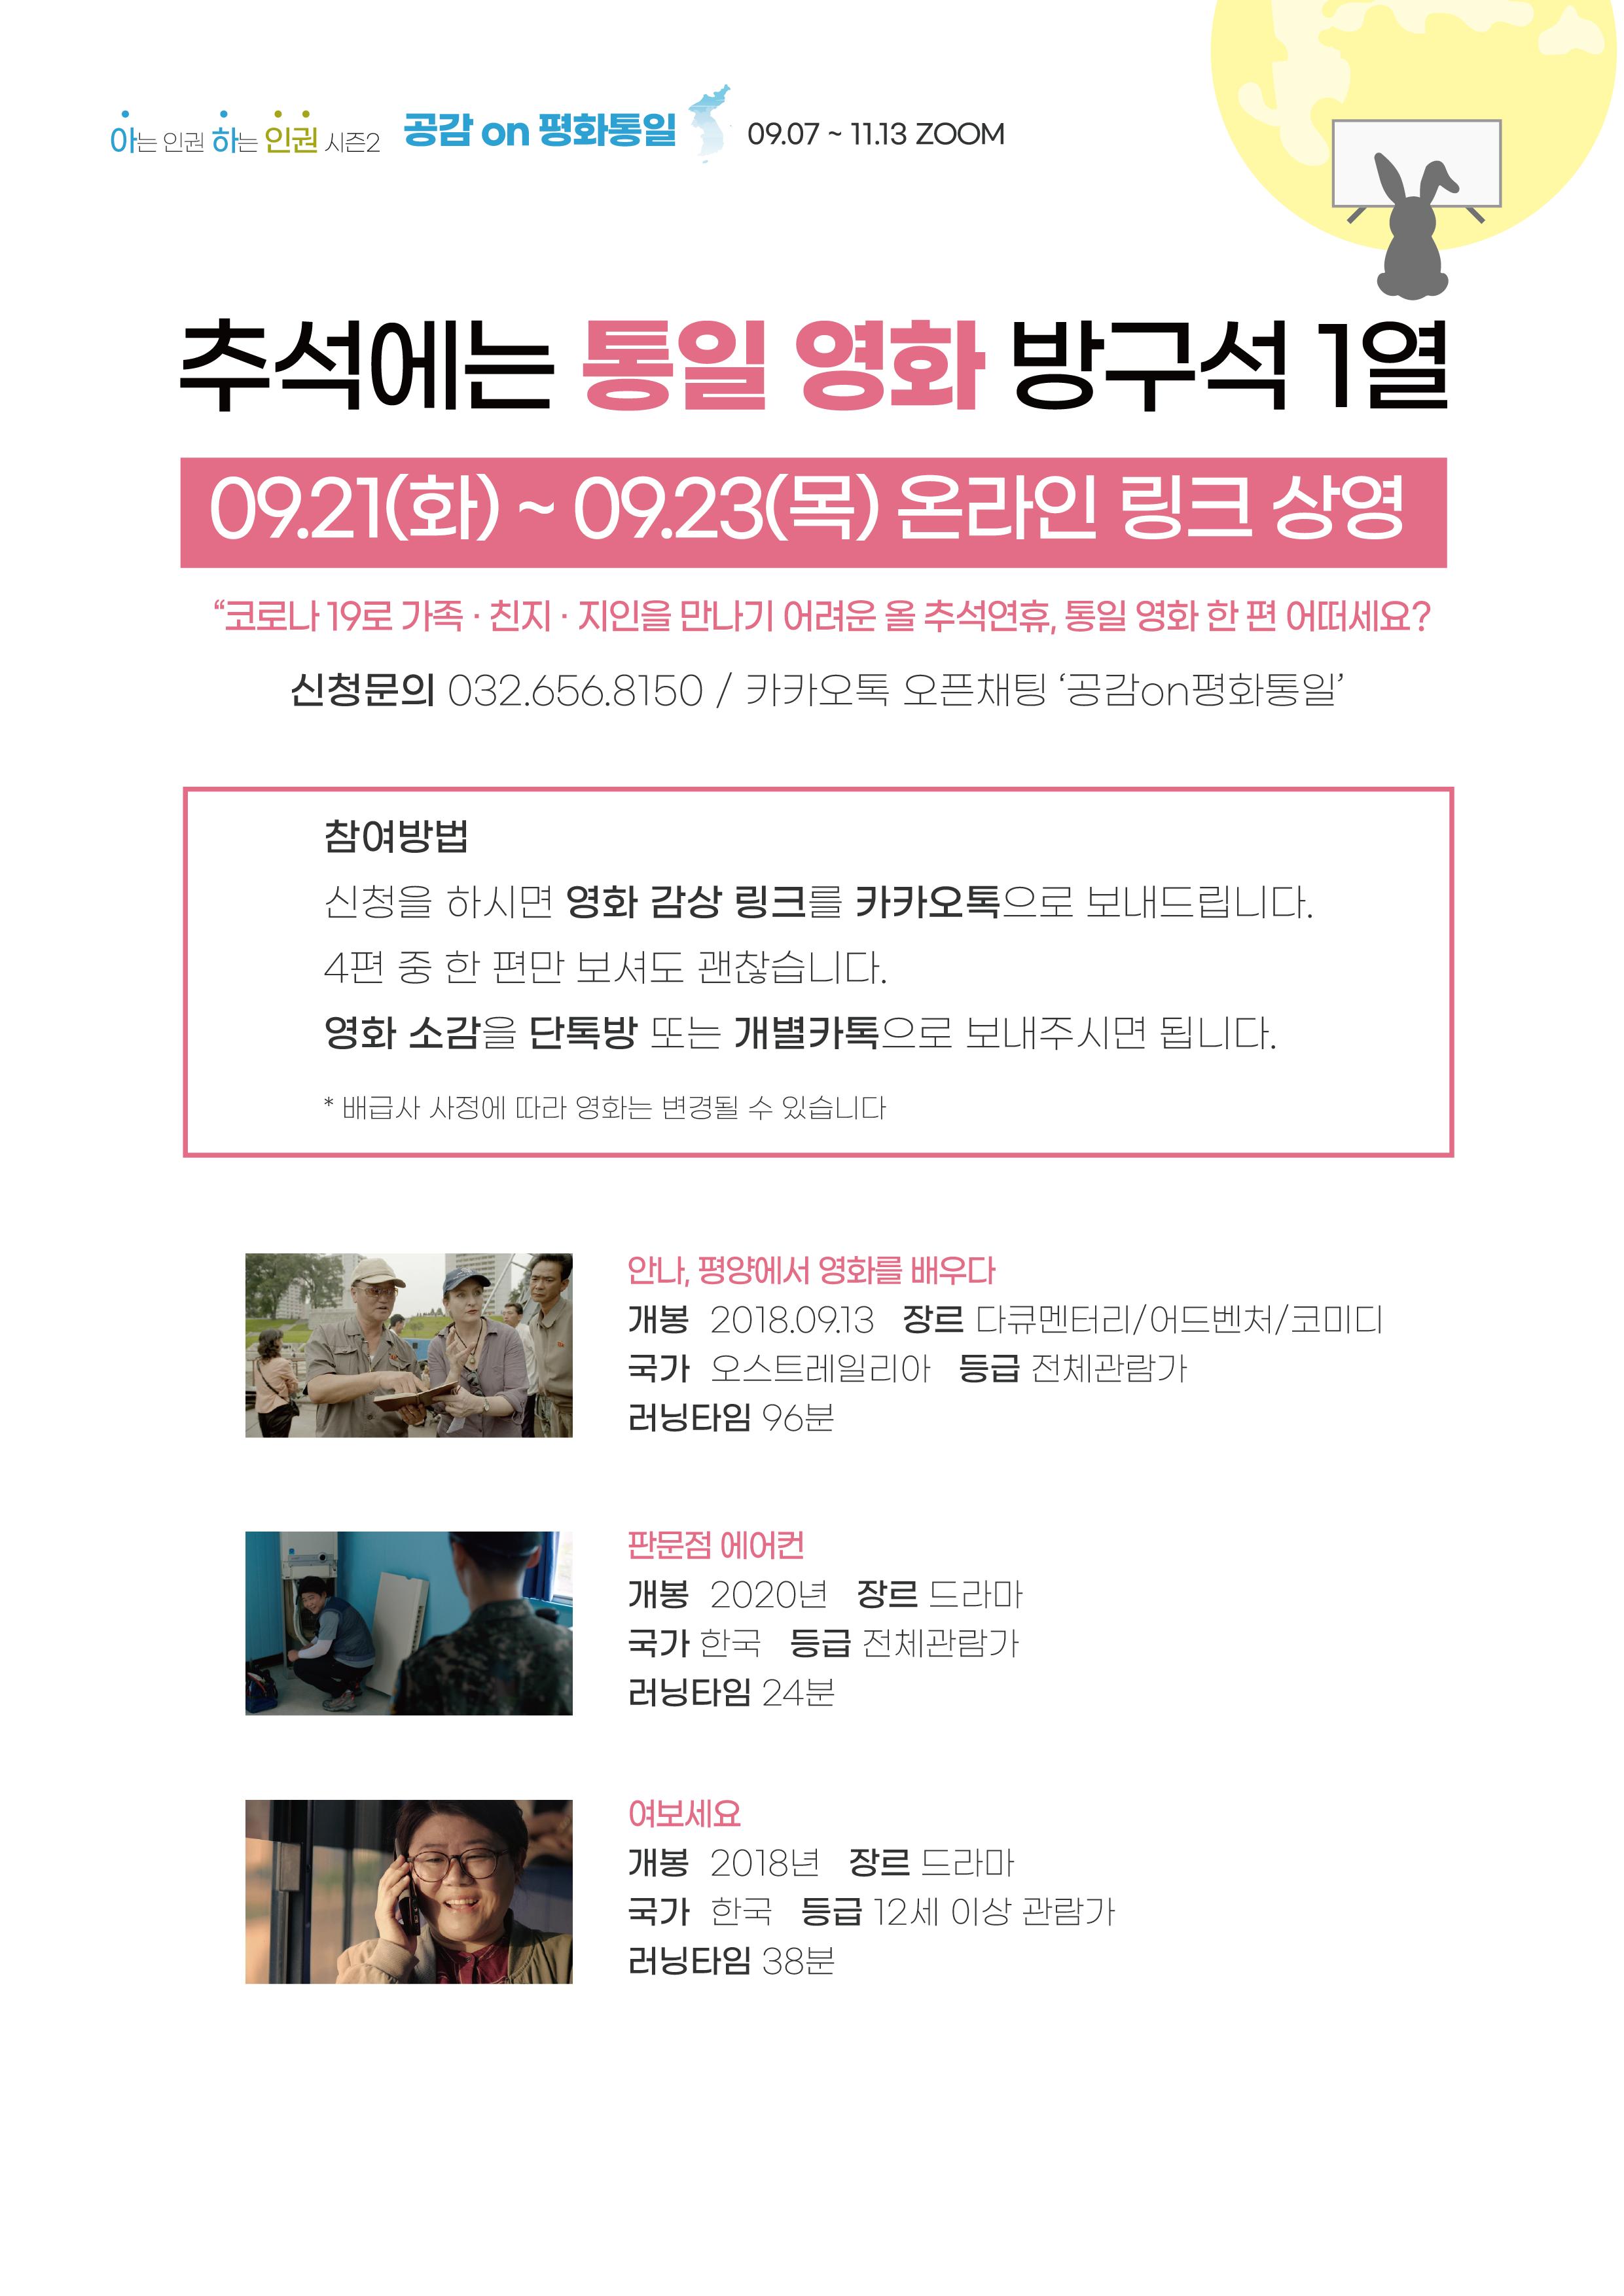 부천연대, '추석에는 통일영화 방구석 1열' 온라인 영화제 개최